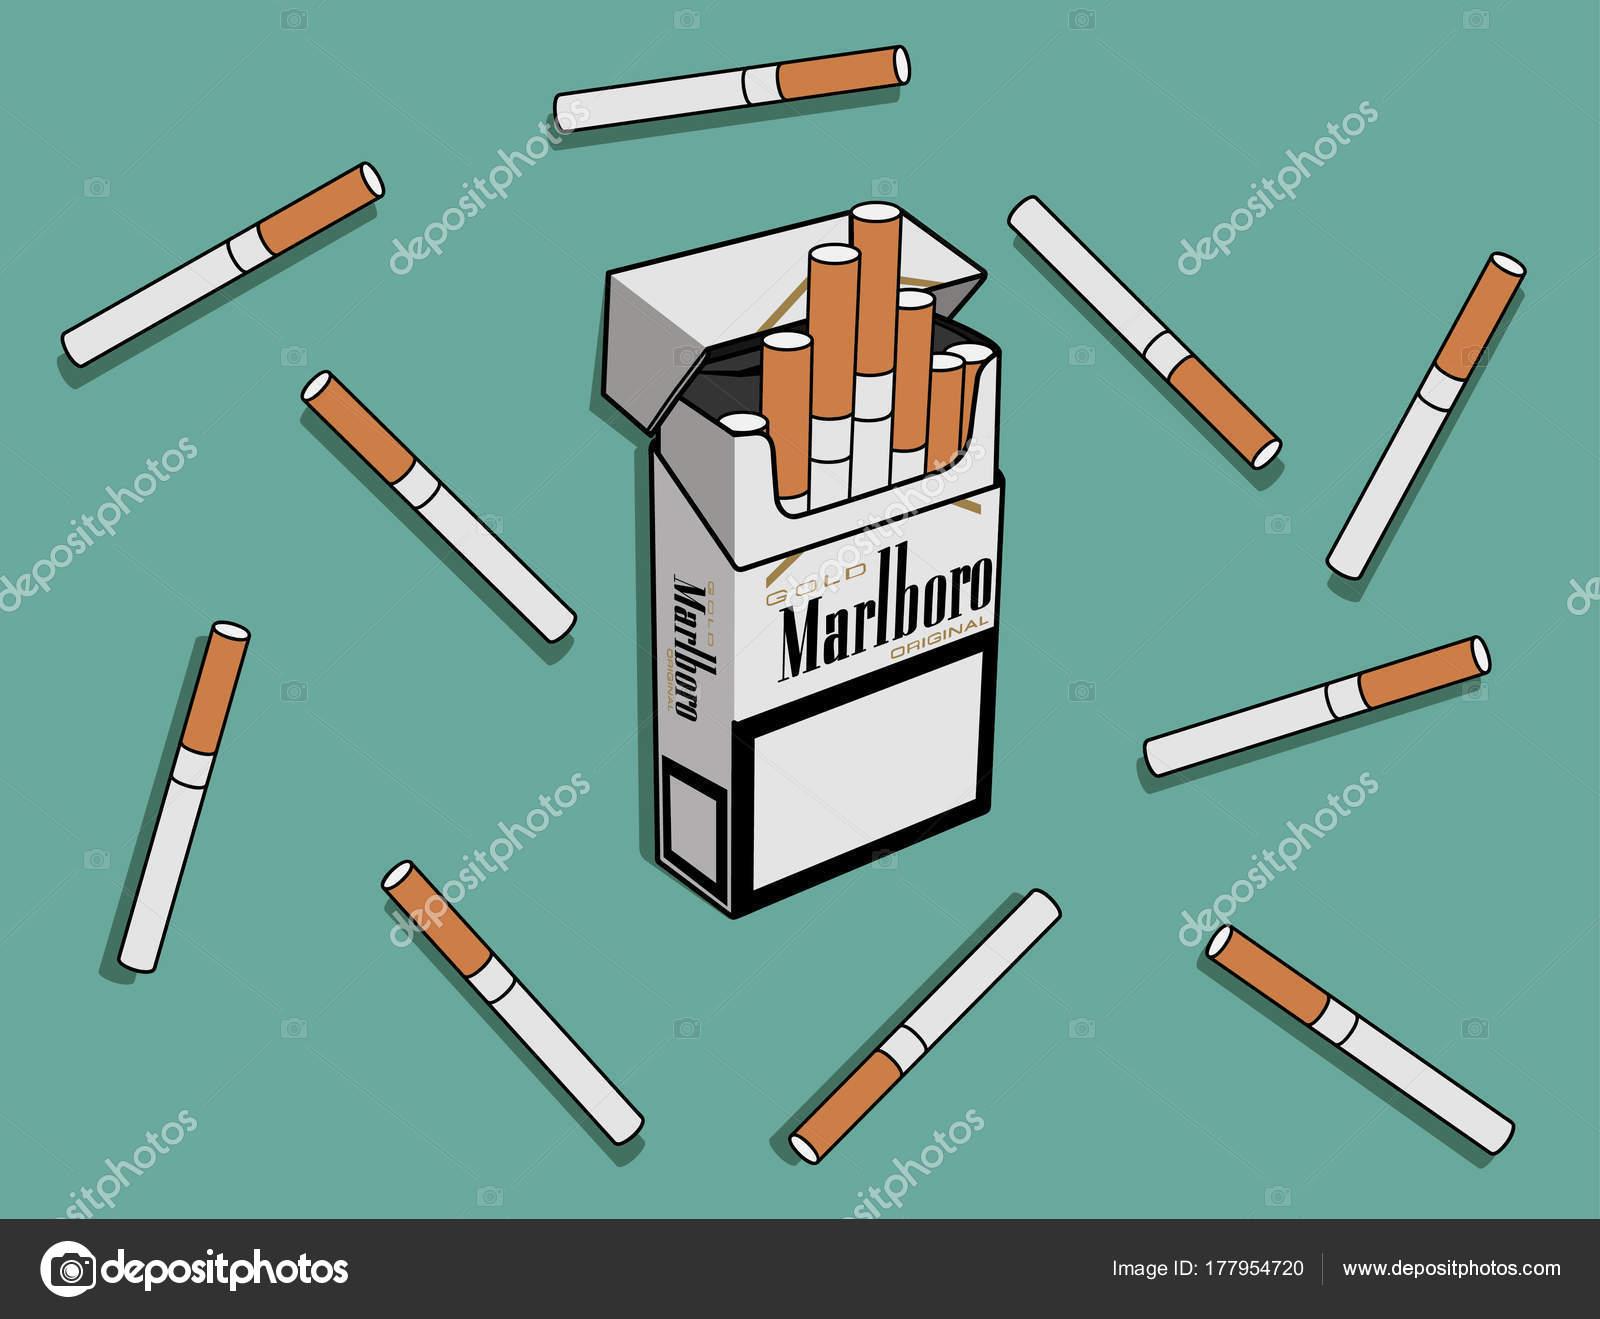 Premium cigarettes Marlboro brands Florida